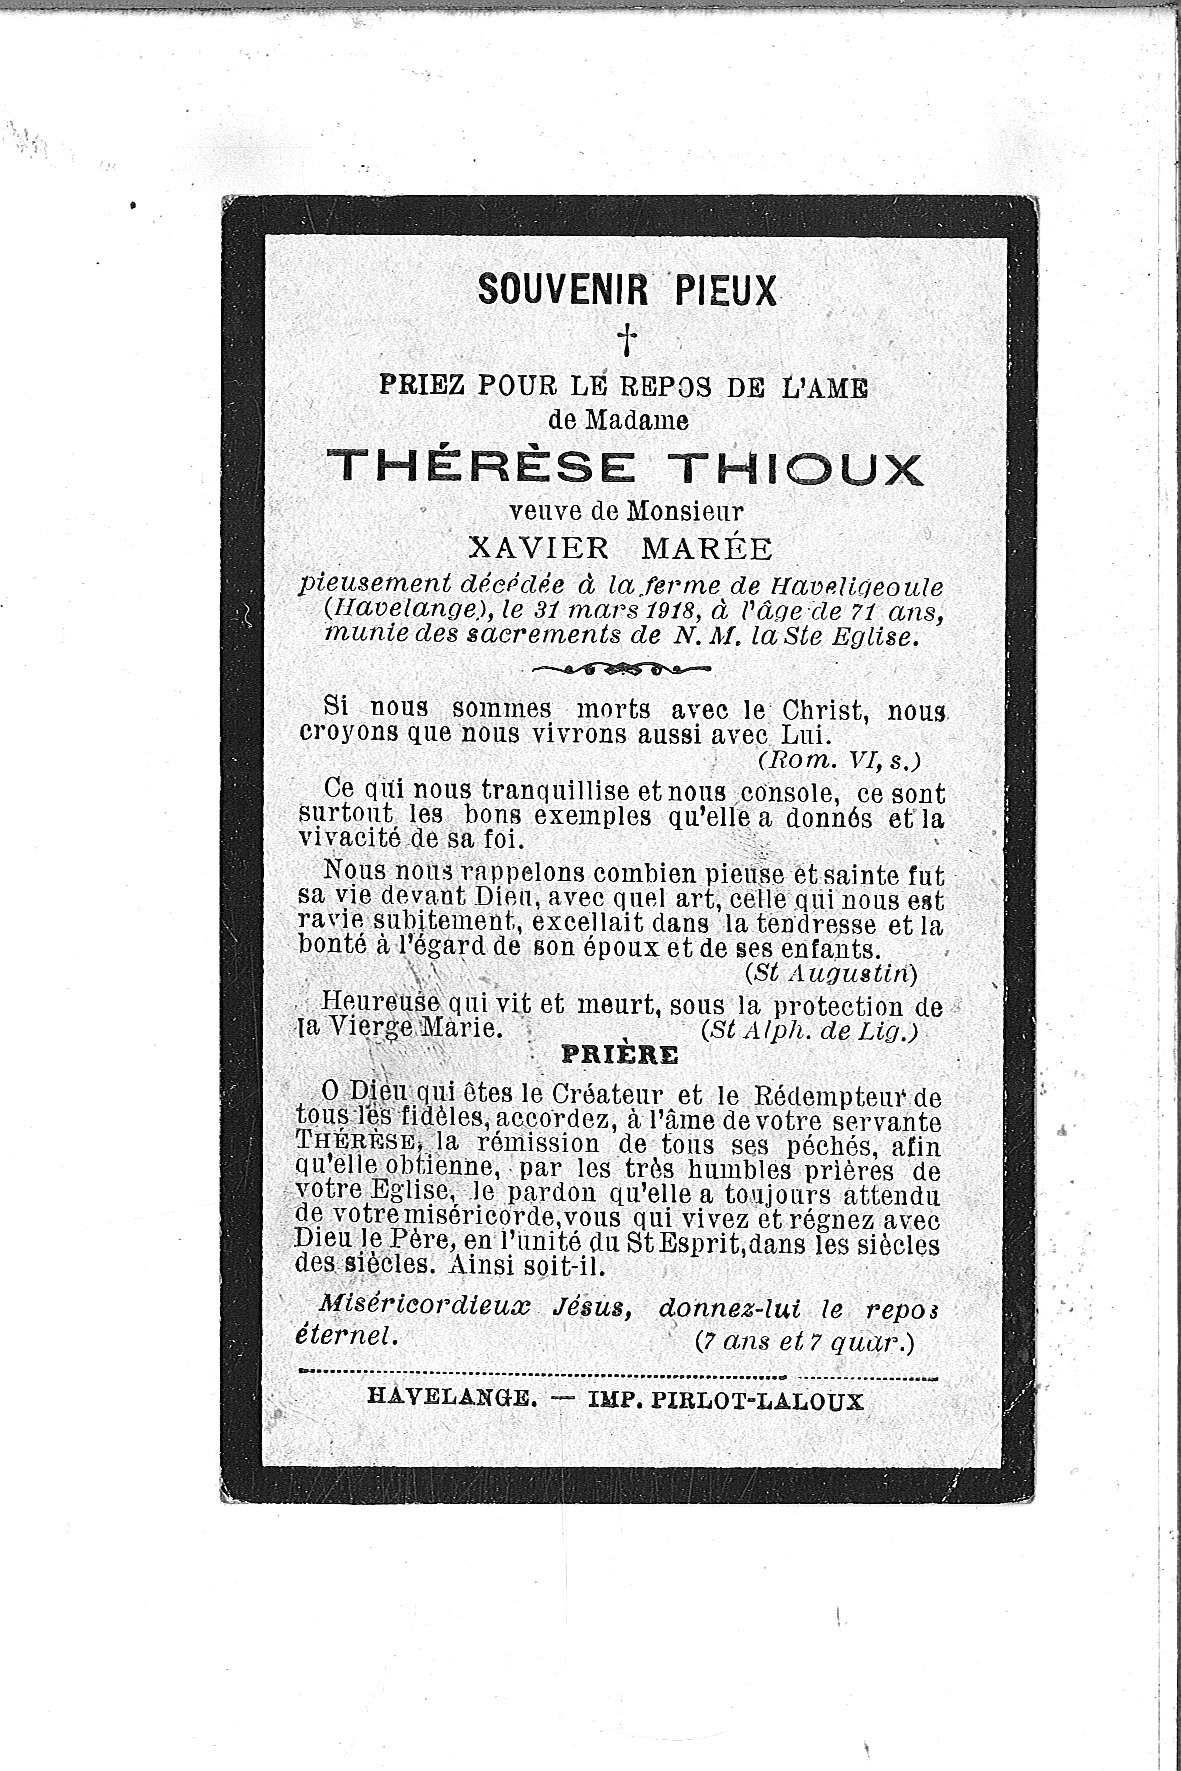 Thérèse(1918)20140825083222_00152.jpg